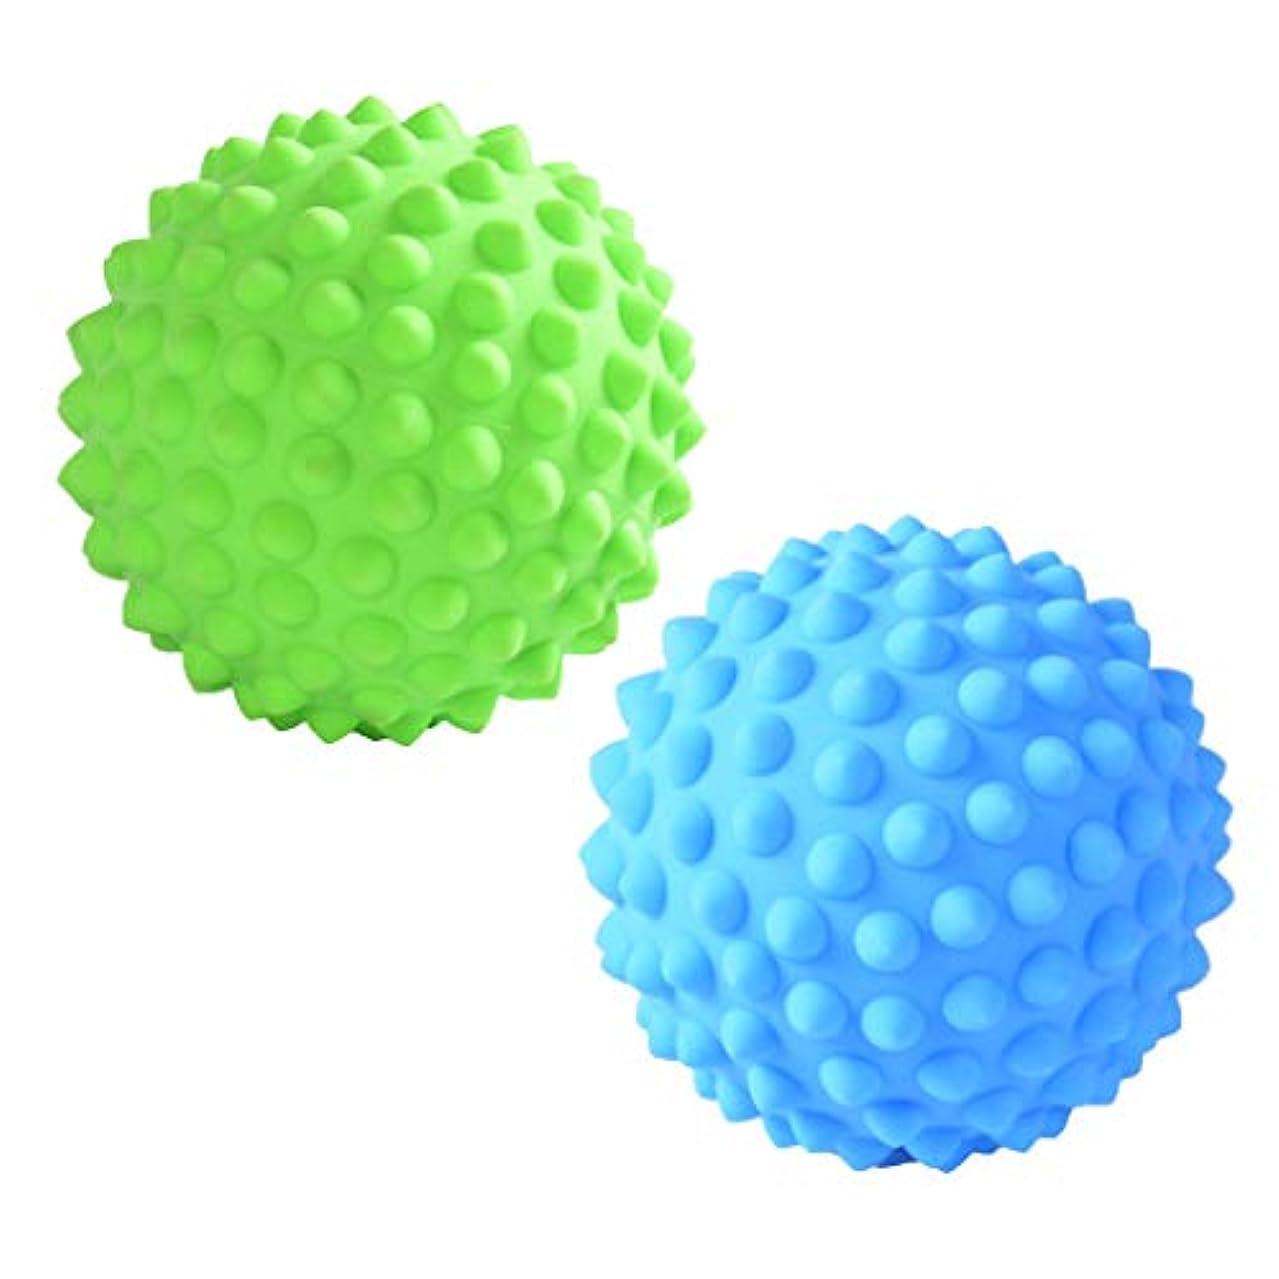 尽きるテレックスハックマッサージローラーボール 指圧ボール PVC トリガーポイント 疲れ解消ボール ヨガ 疲労軽減 2個